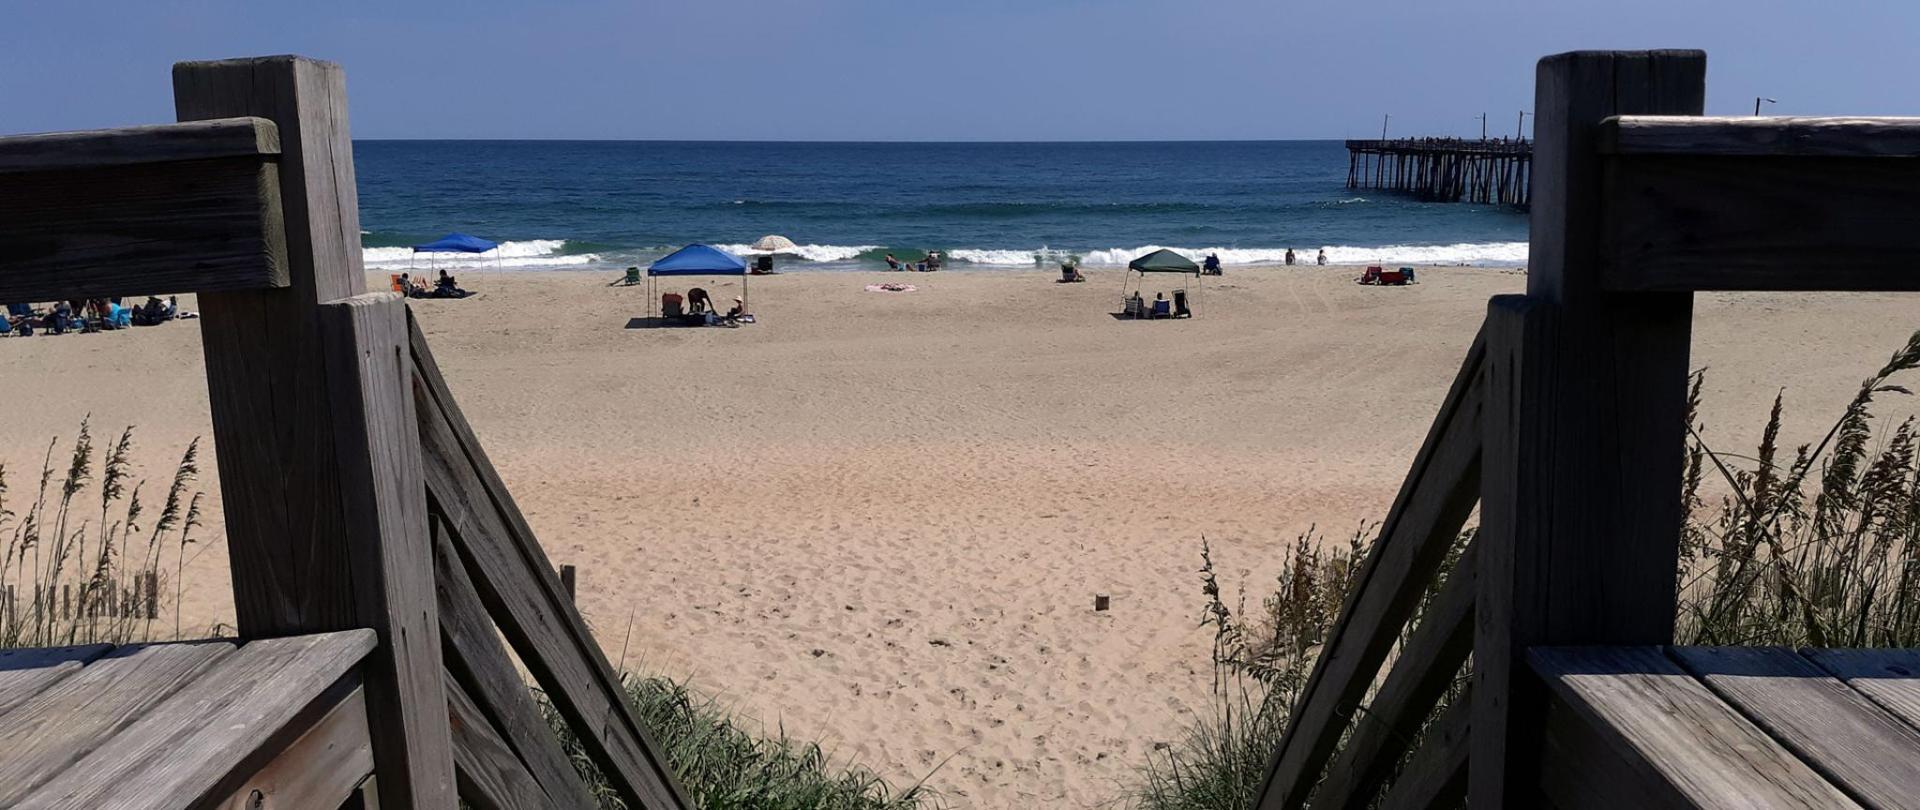 beach-entrance.jpg